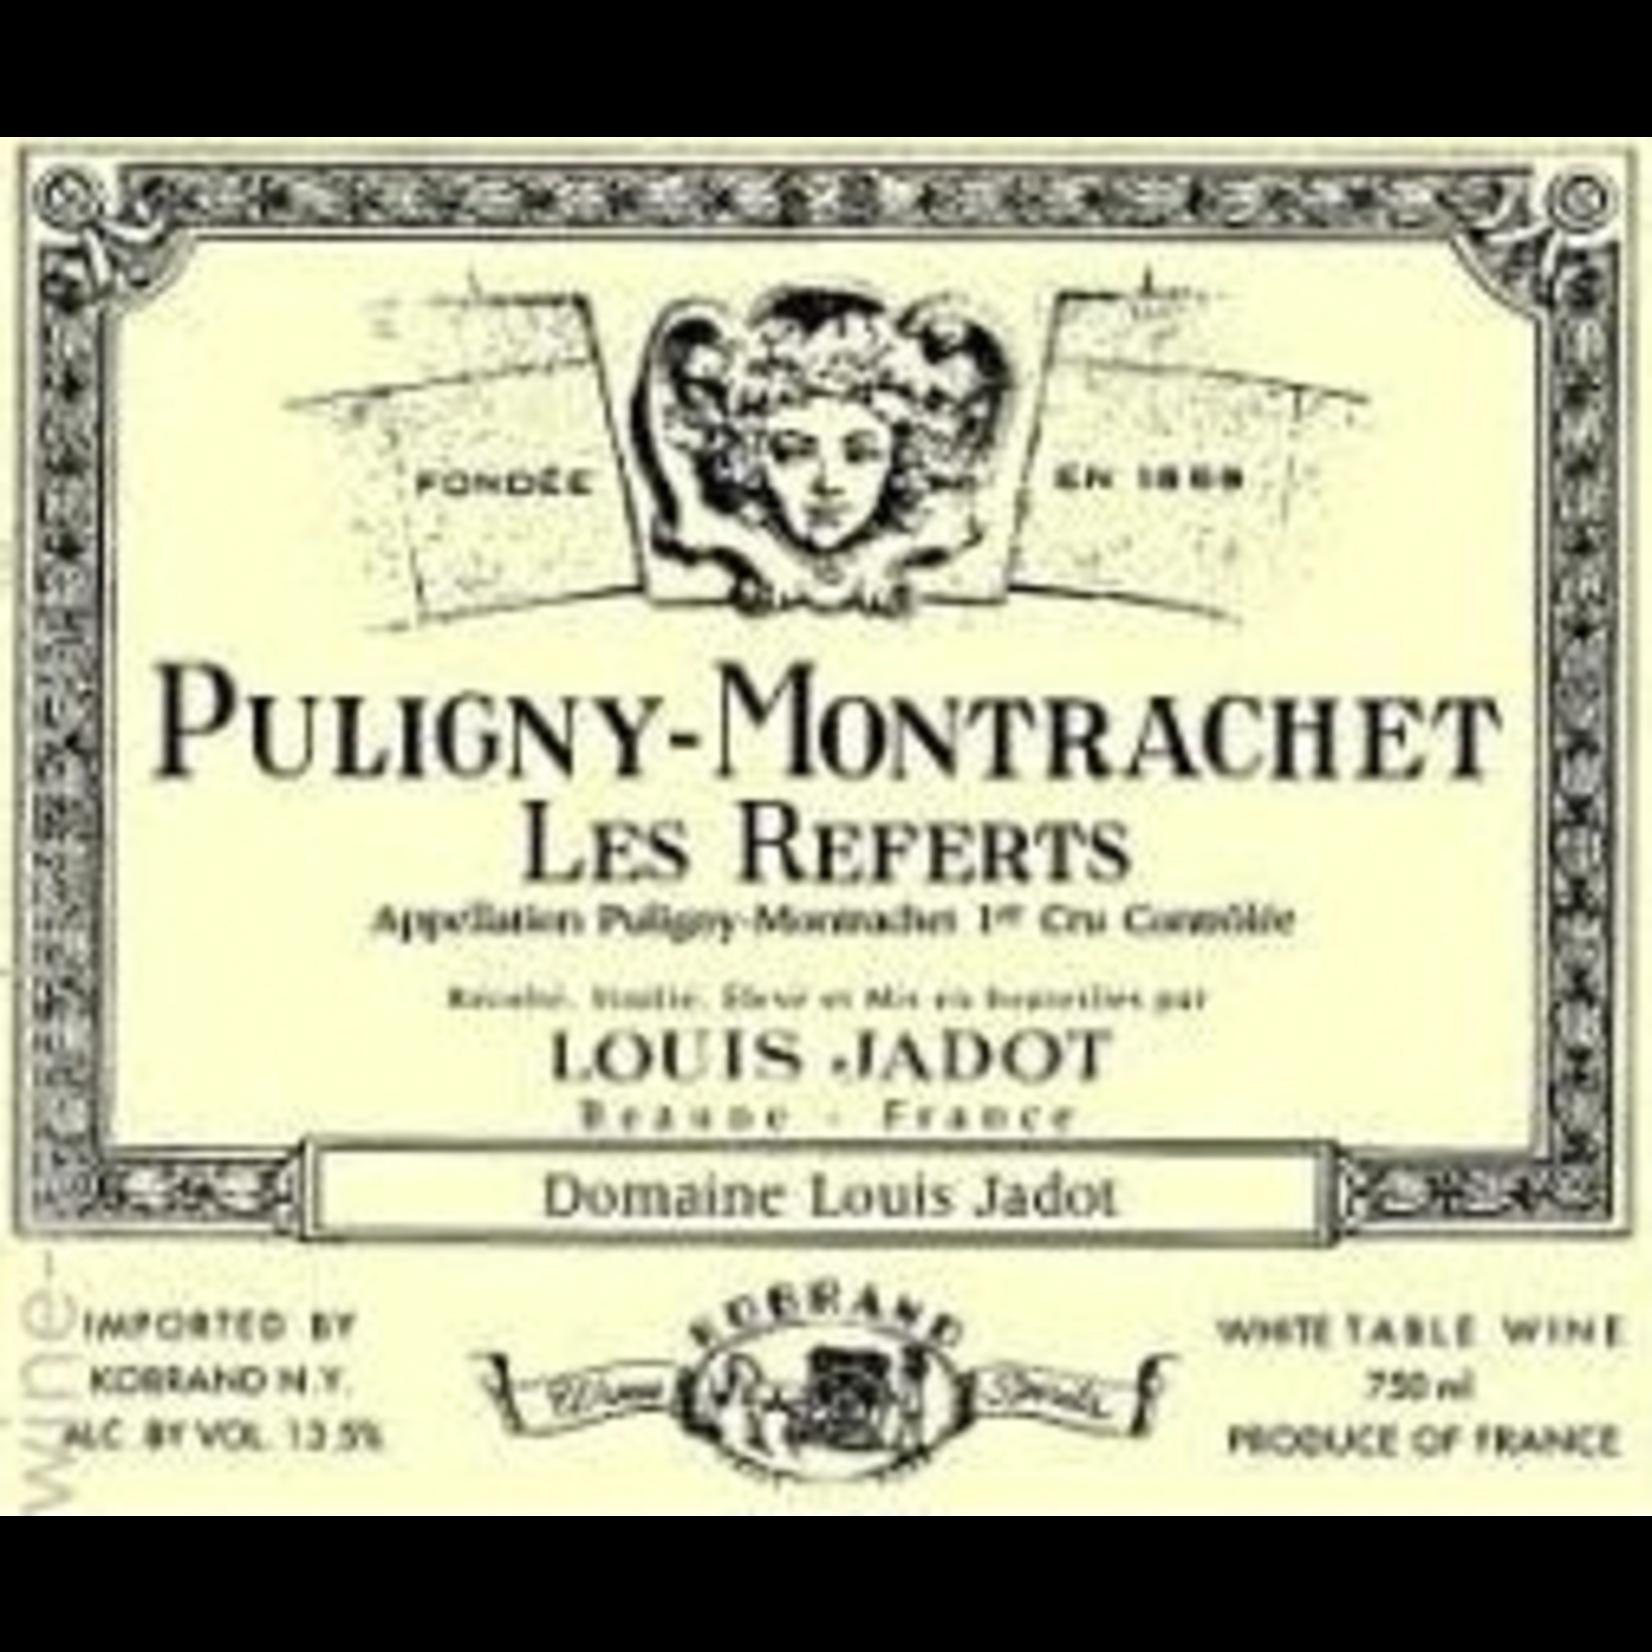 Wine Puligny-Montrachet 1er Cru Les Referts, Domaine Louis Jadot 2019